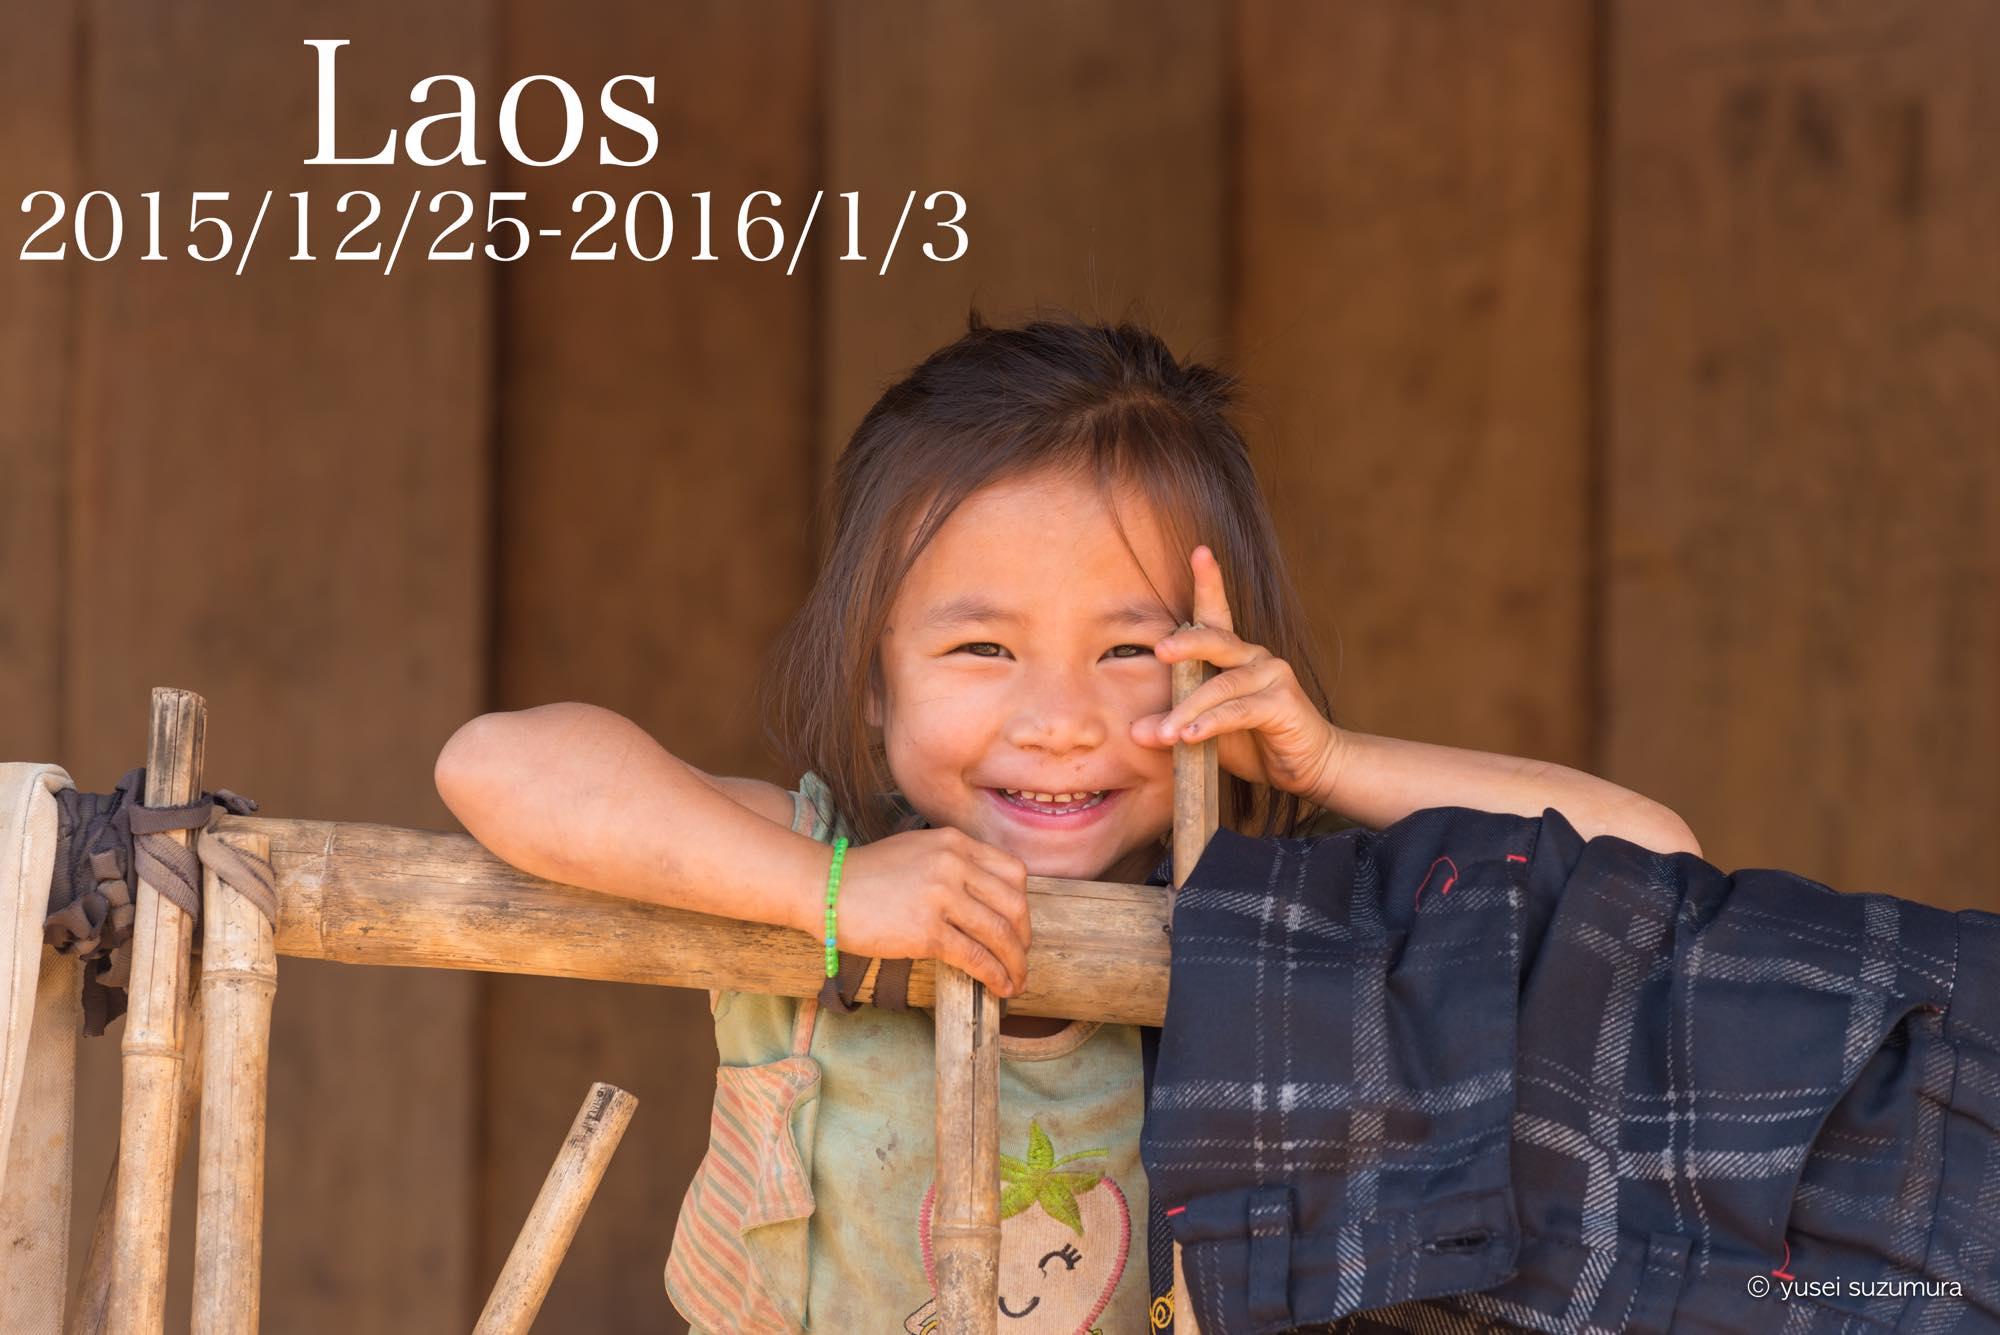 【まとめ】2015年-2016年の年末年始!ラオス旅!